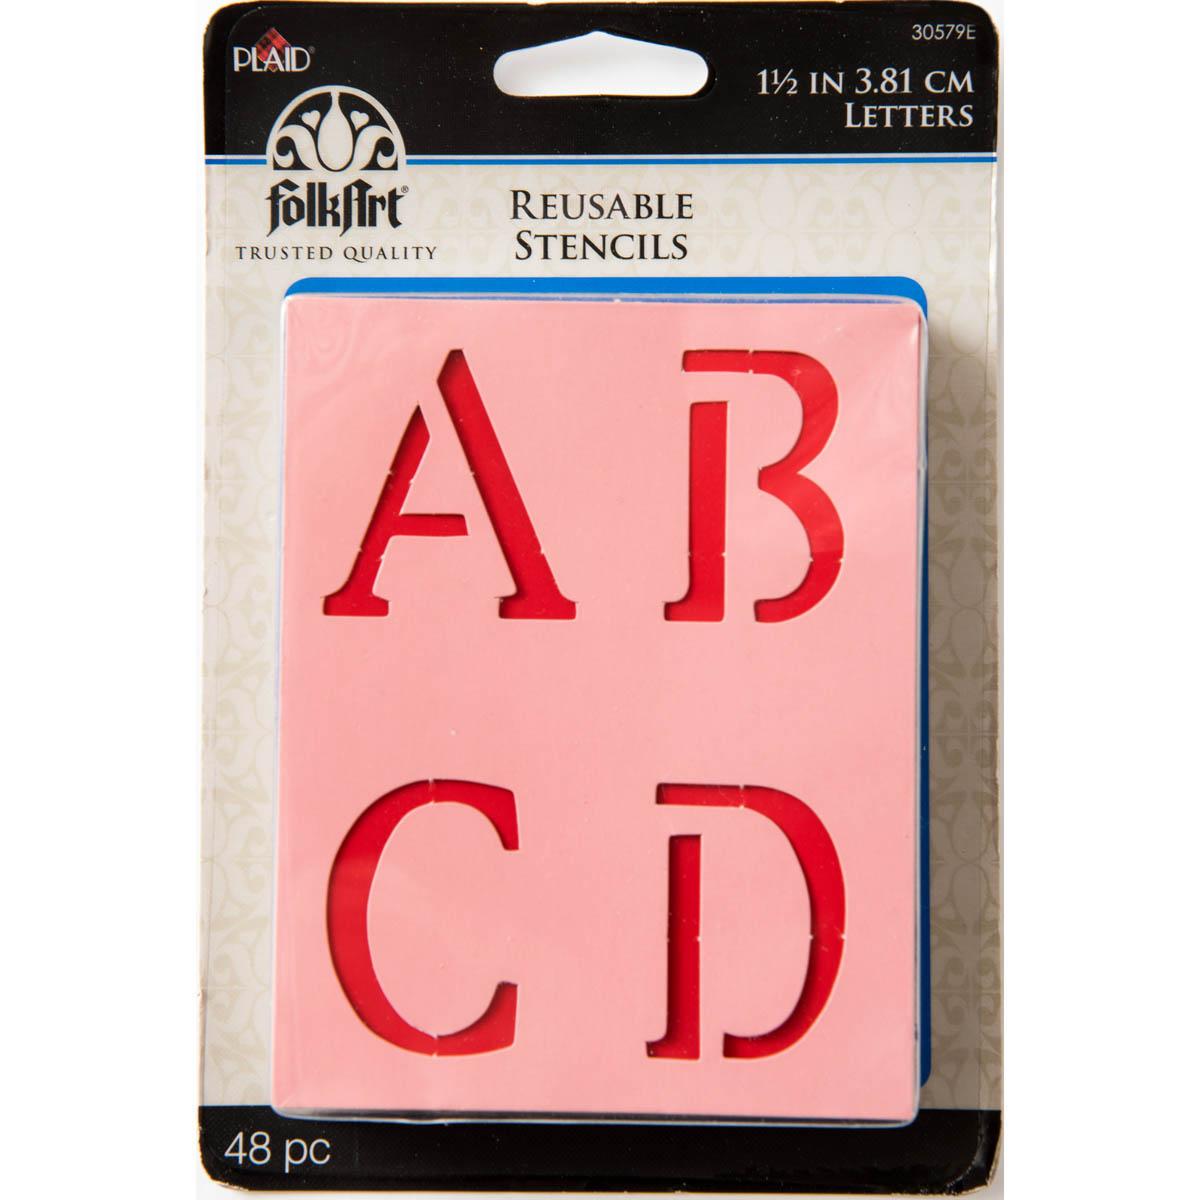 Plaid ® Stencils - Value Packs - Letter Stencils - 1-1/2